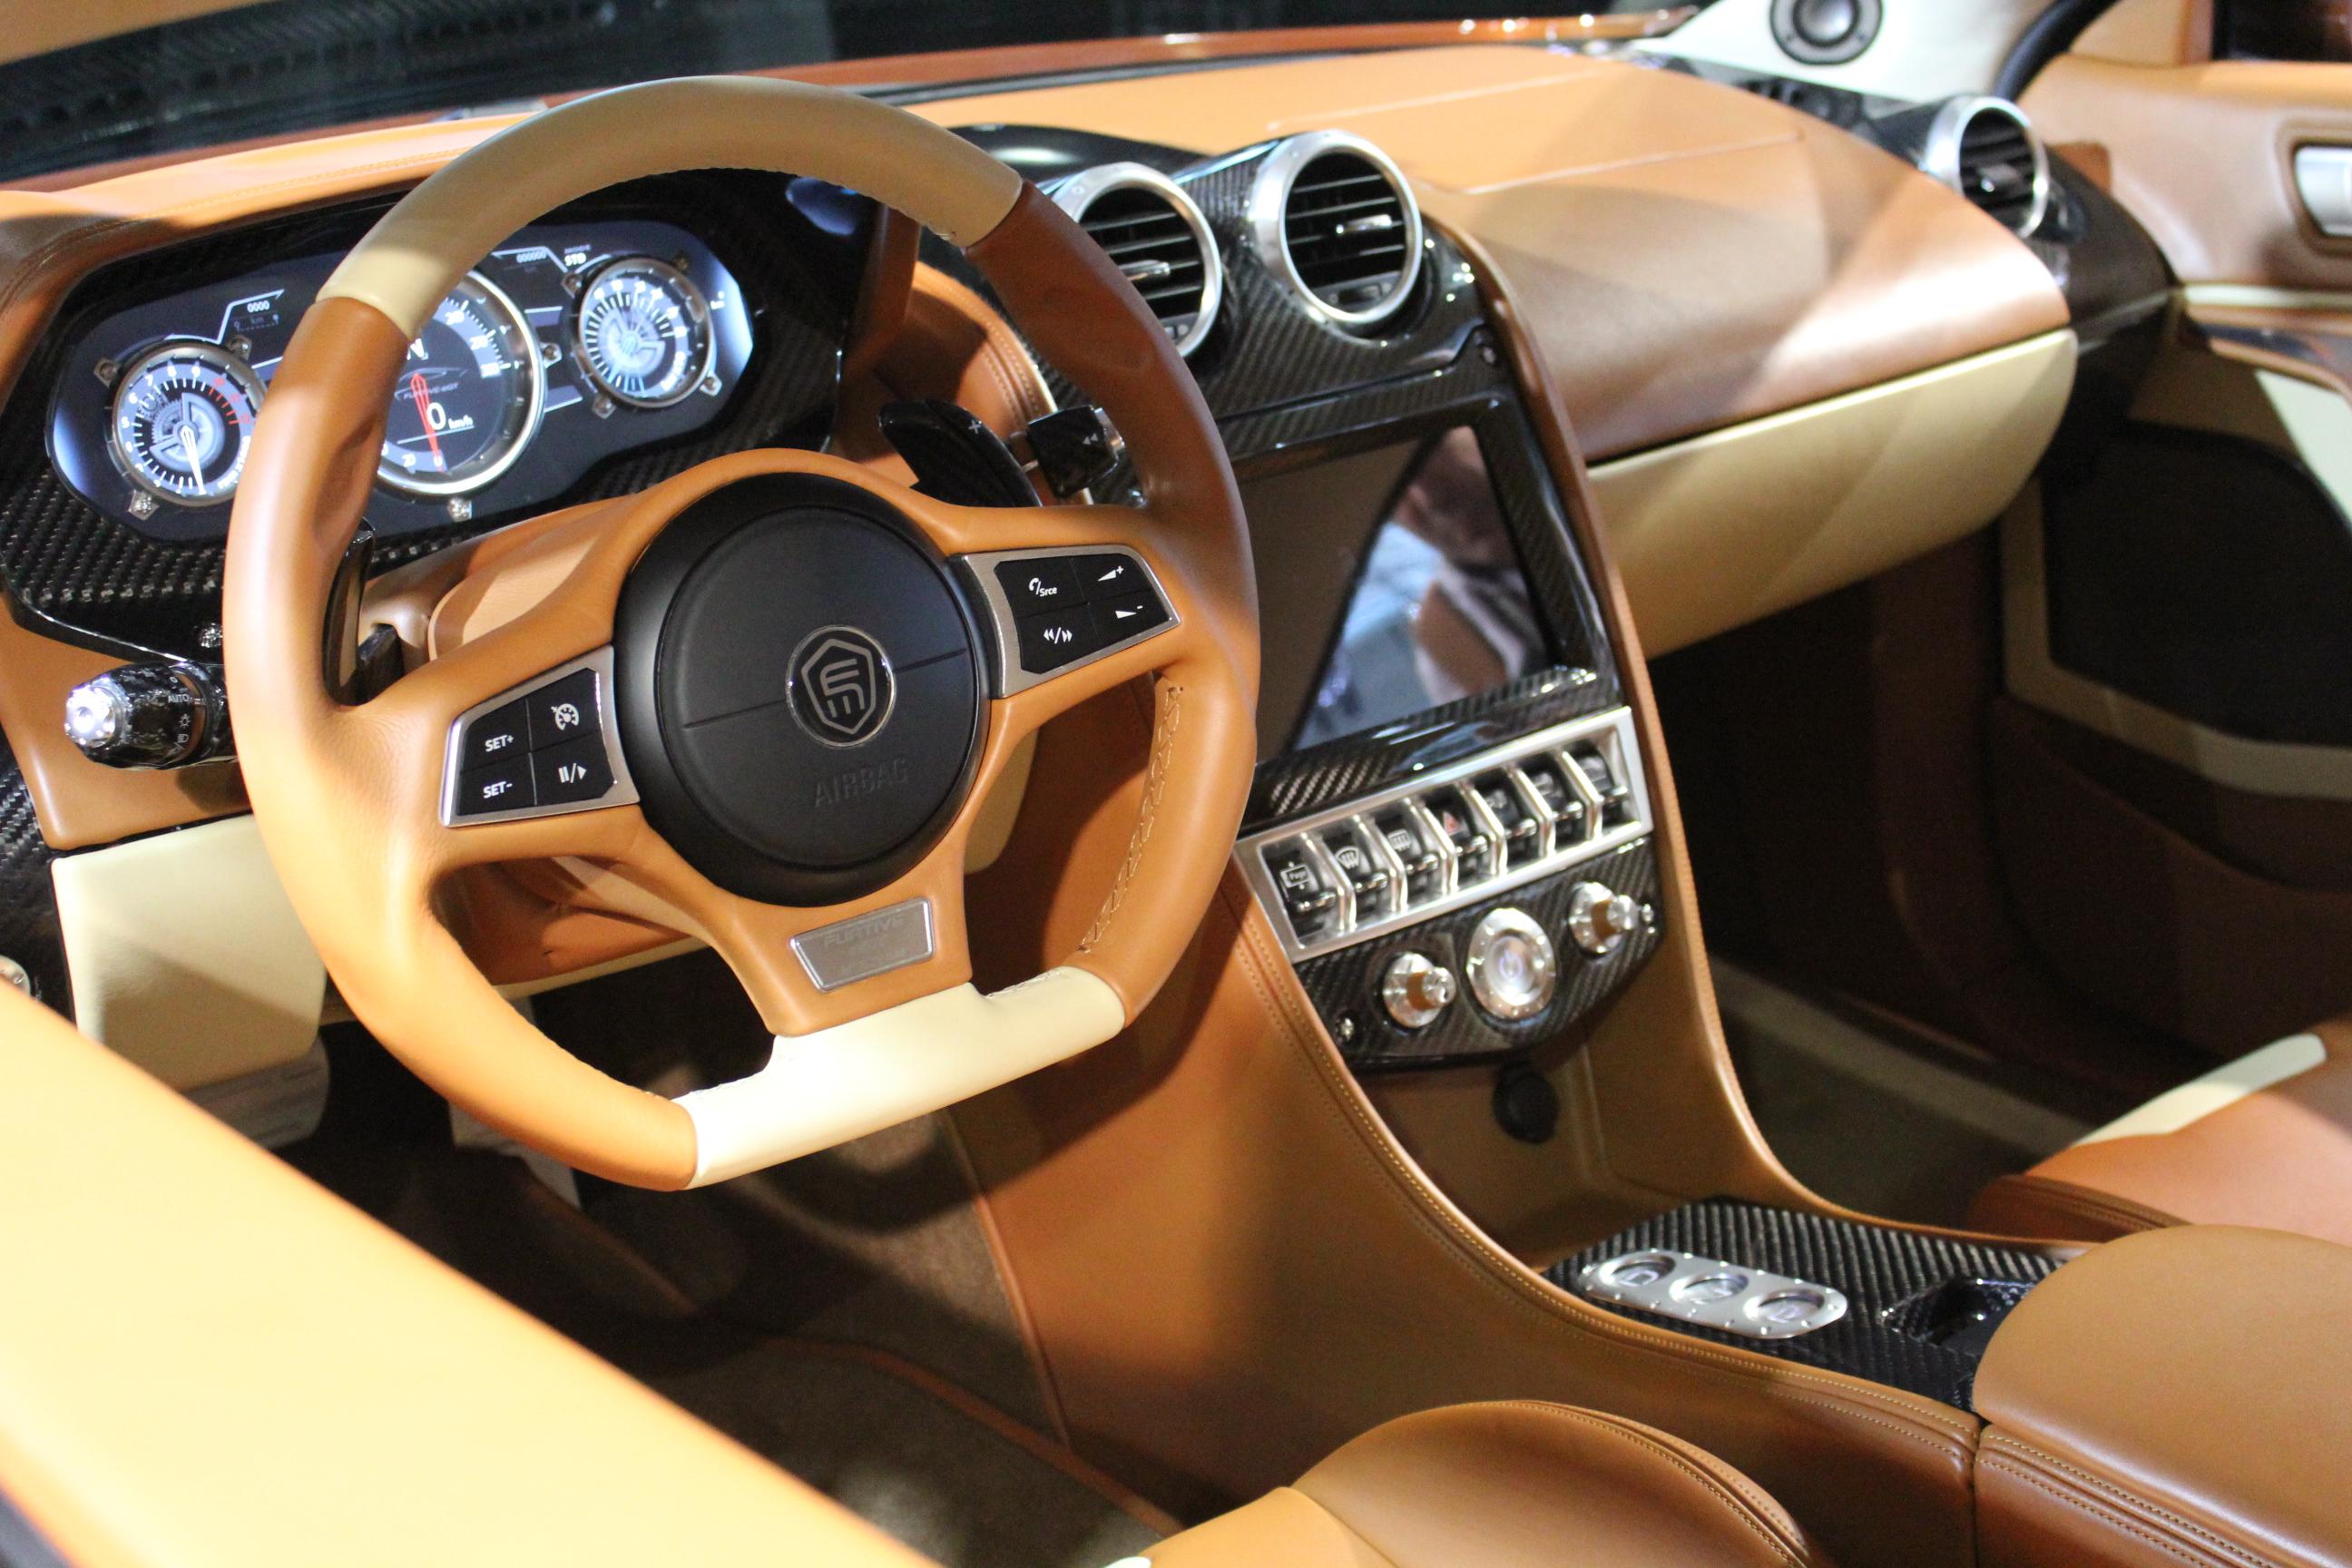 http://images.caradisiac.com/images/1/3/7/5/81375/S0-En-direct-du-Mondial-2012-Exagon-Motors-Furtive-e-GT-une-Fisker-Karma-a-la-francaise-274411.jpg